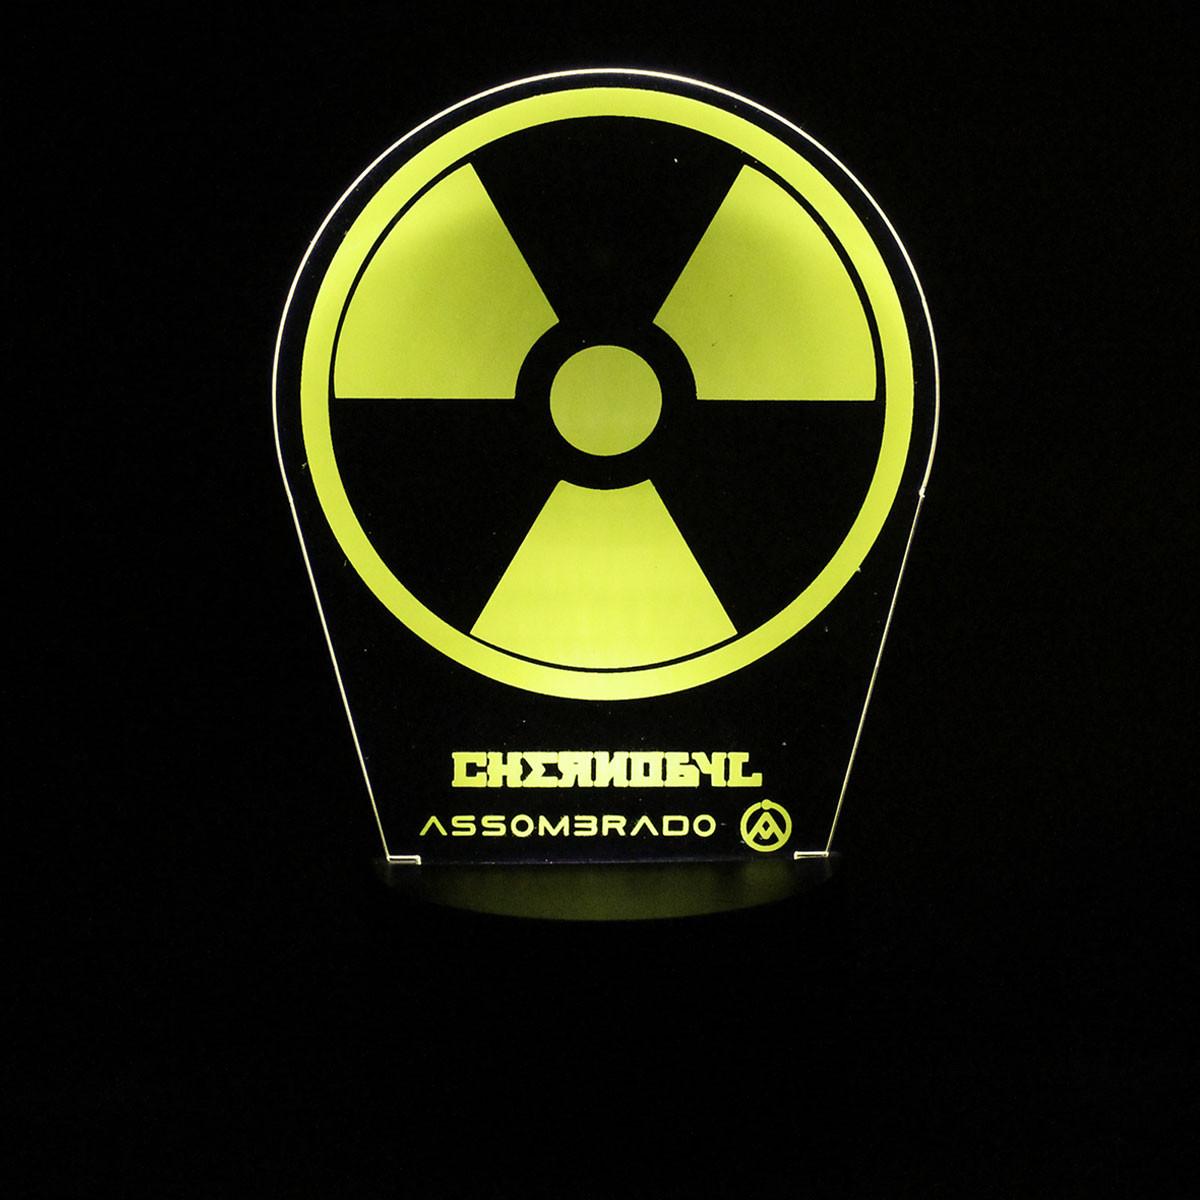 Luminária em Acrílico Sem Fio: Chernobyl